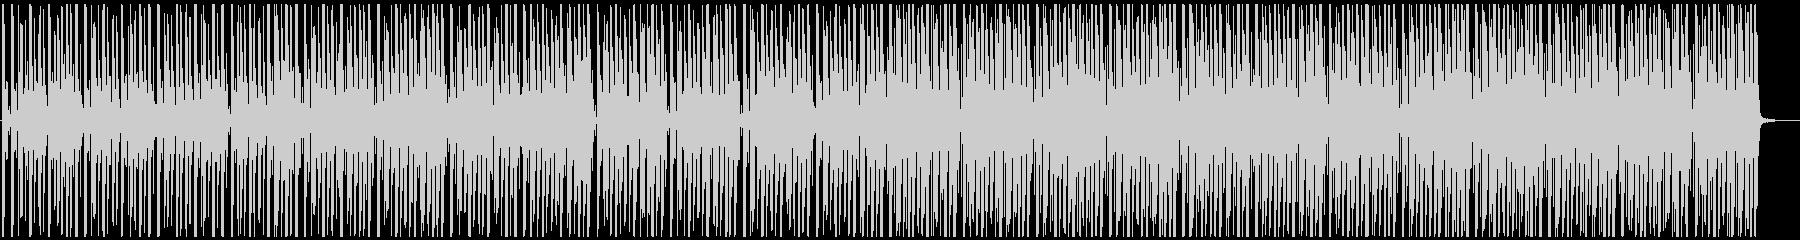 ゆったりトロピカルな4つ打ちの未再生の波形